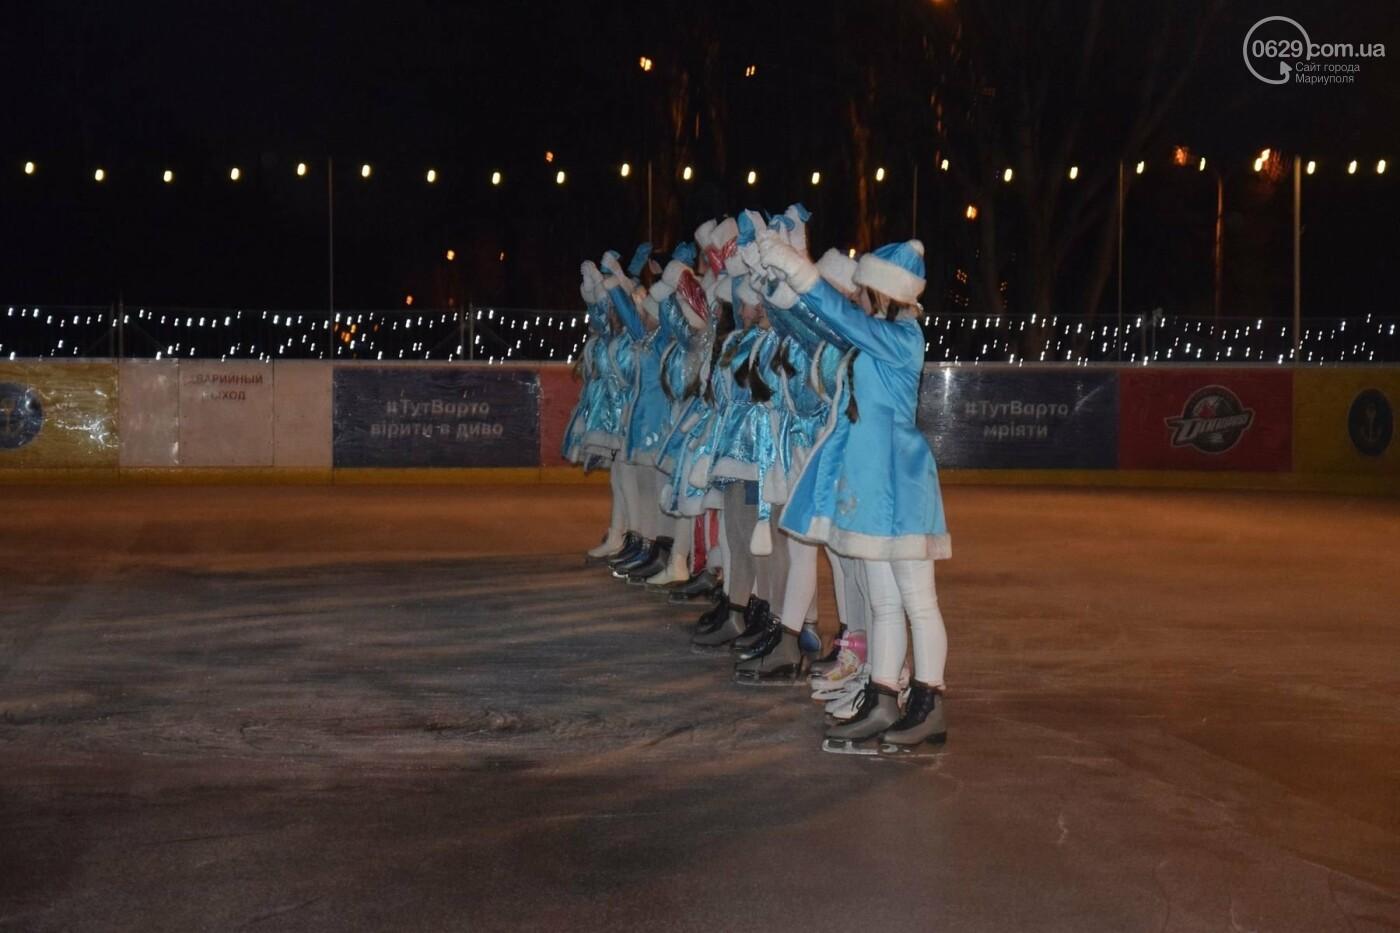 Открытие ледовой арены. Стоимость катания на городском  катке в  Мариуполе увеличилась вдвое  - ФОТО, ВИДЕО, фото-3